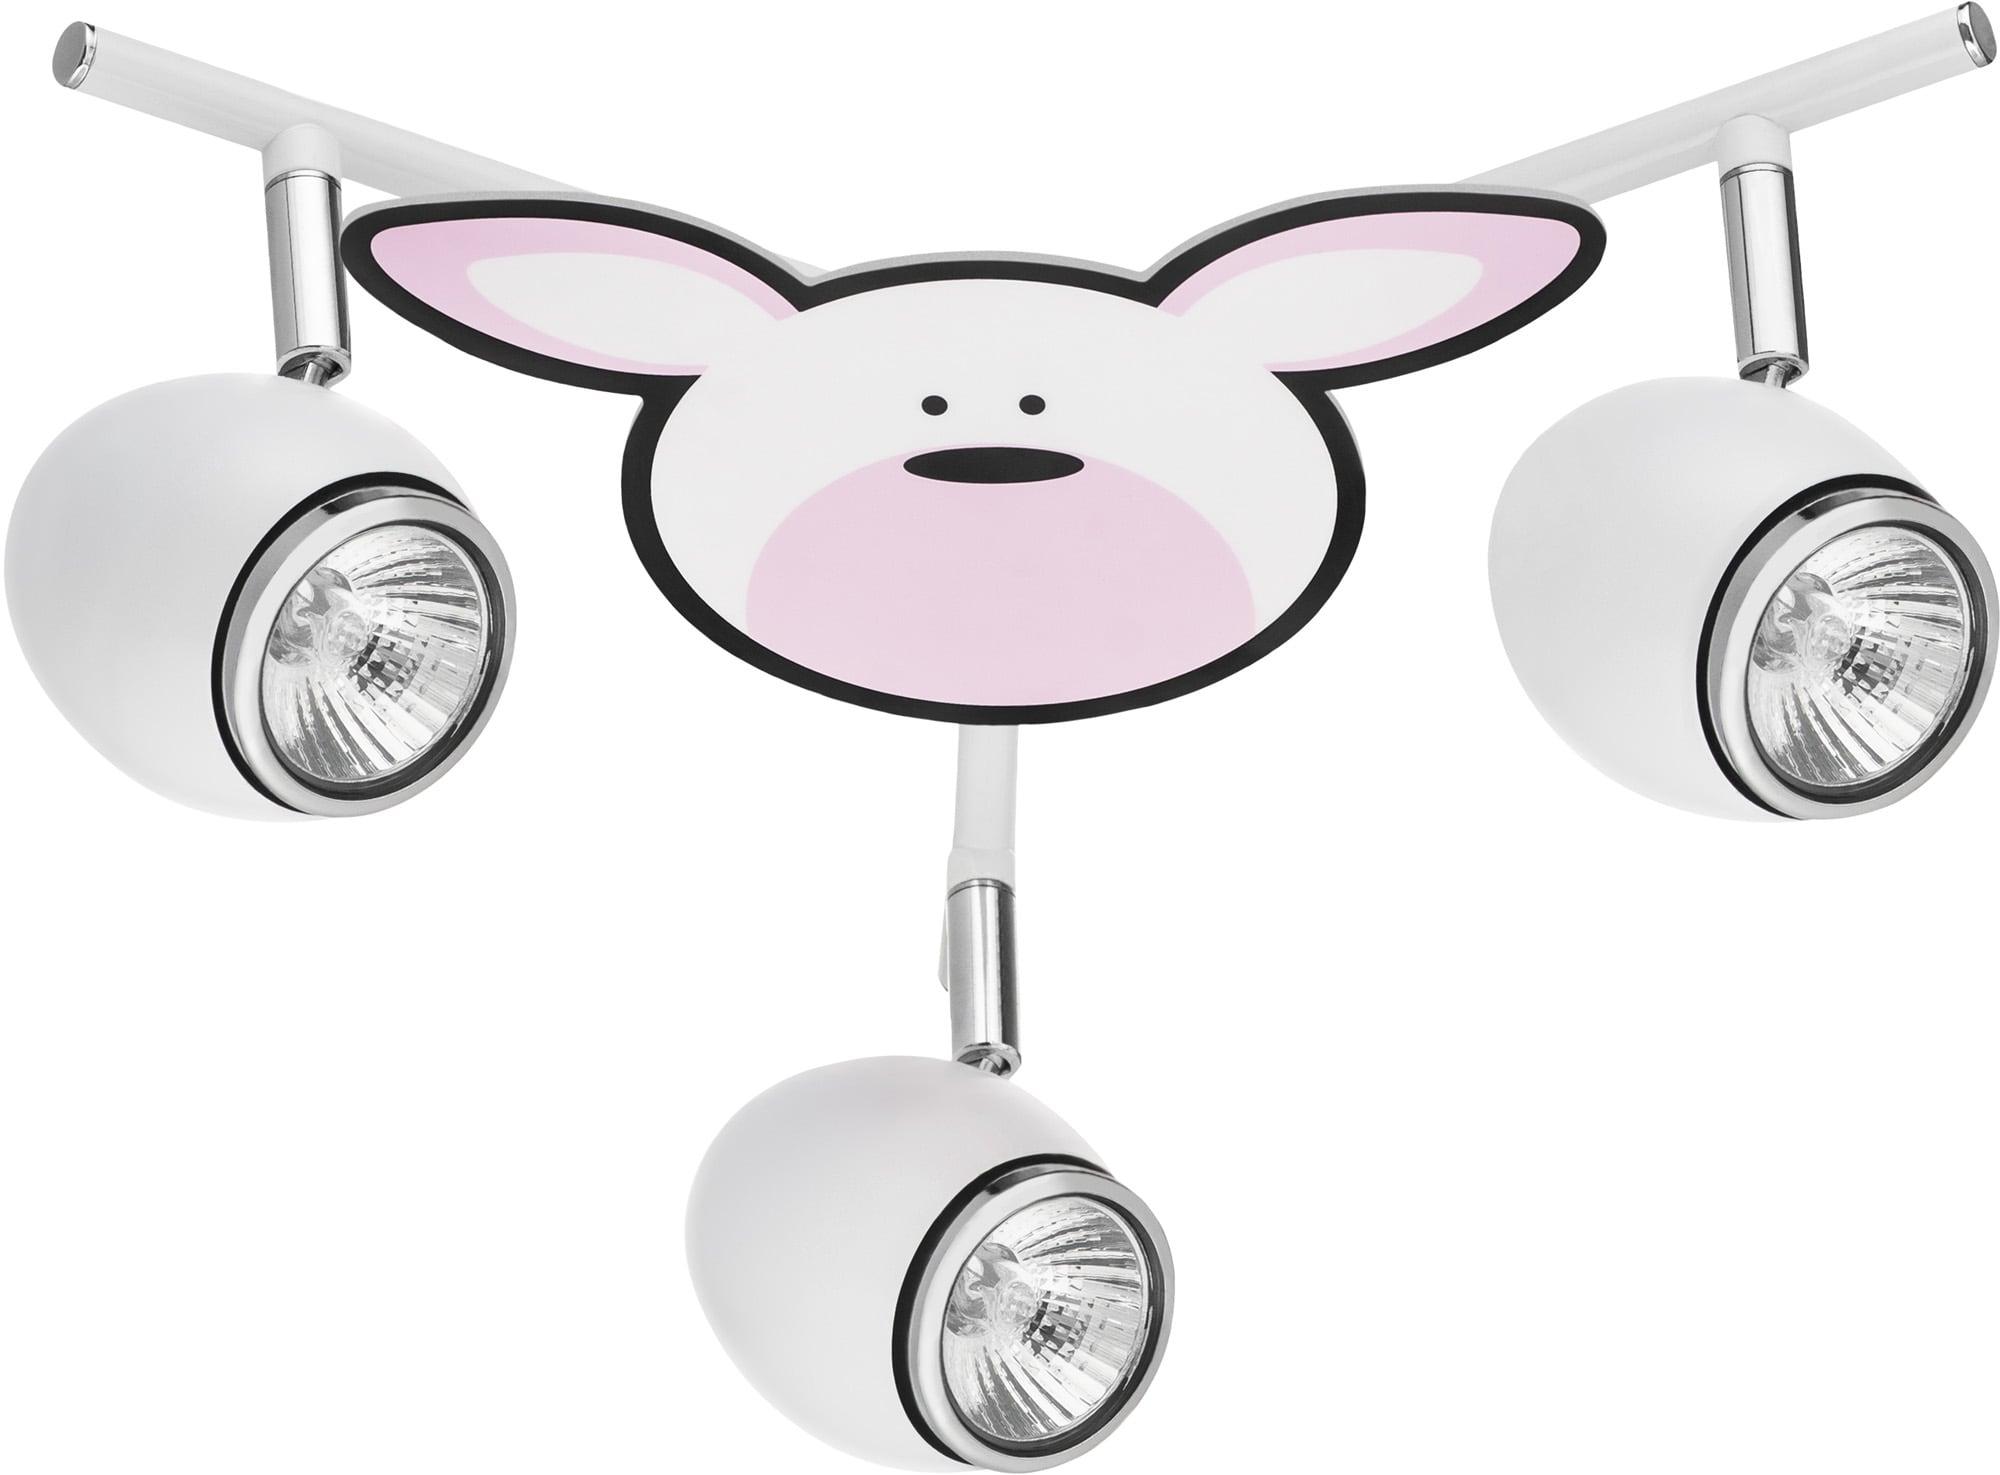 Lamp for child Królik - Rubby biały / chrom LED GU10 3x4,5W